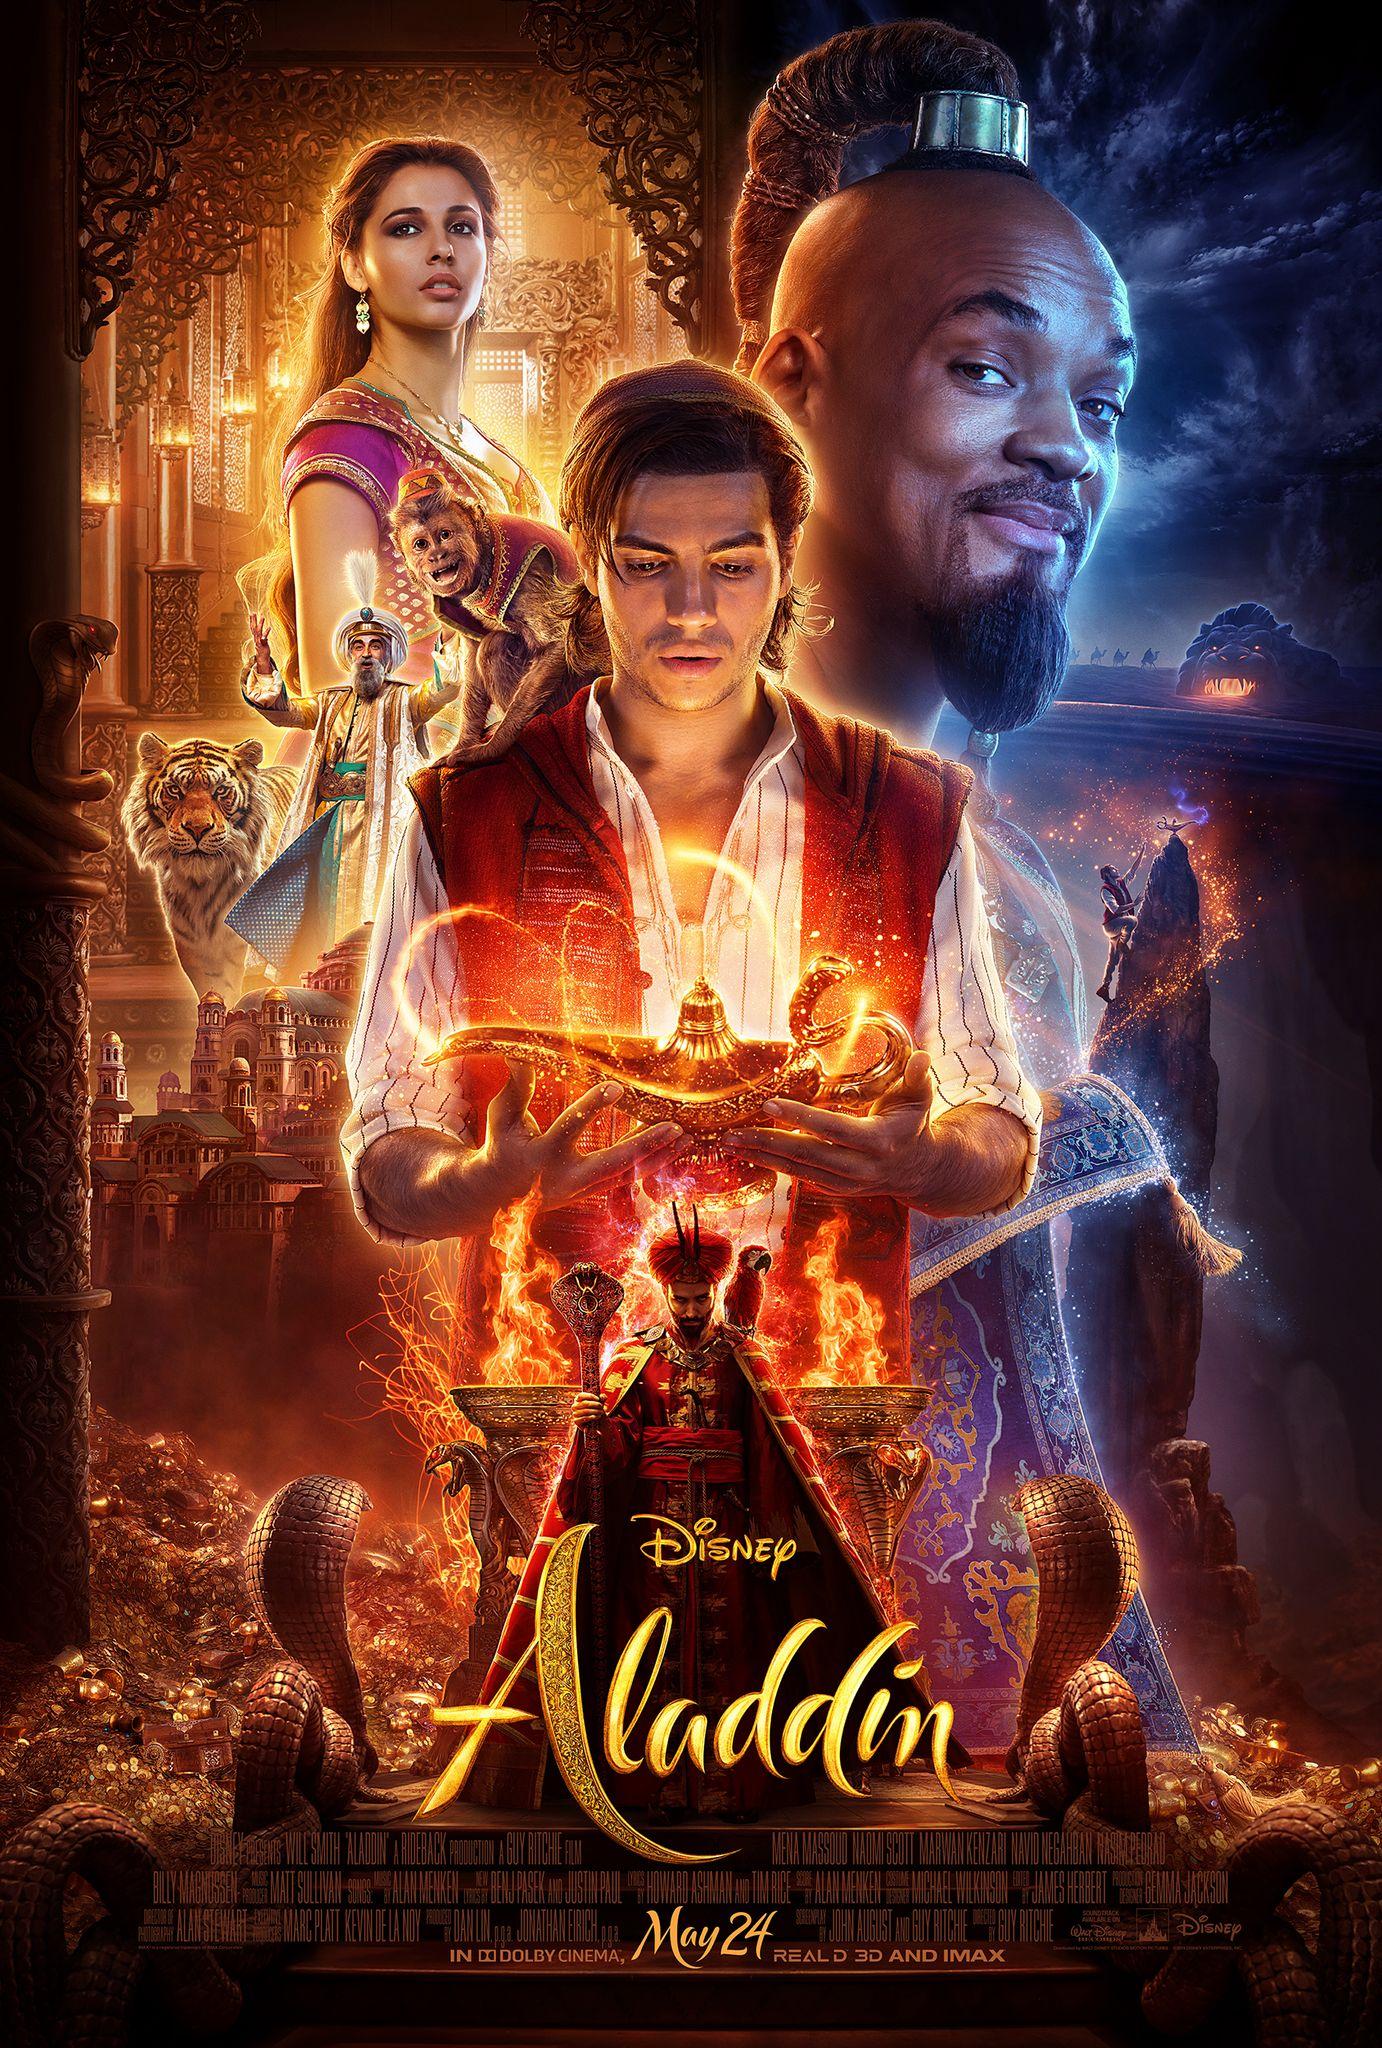 Um Jovem Humilde Descobre Uma Lampada Magica Com Um Genio Que